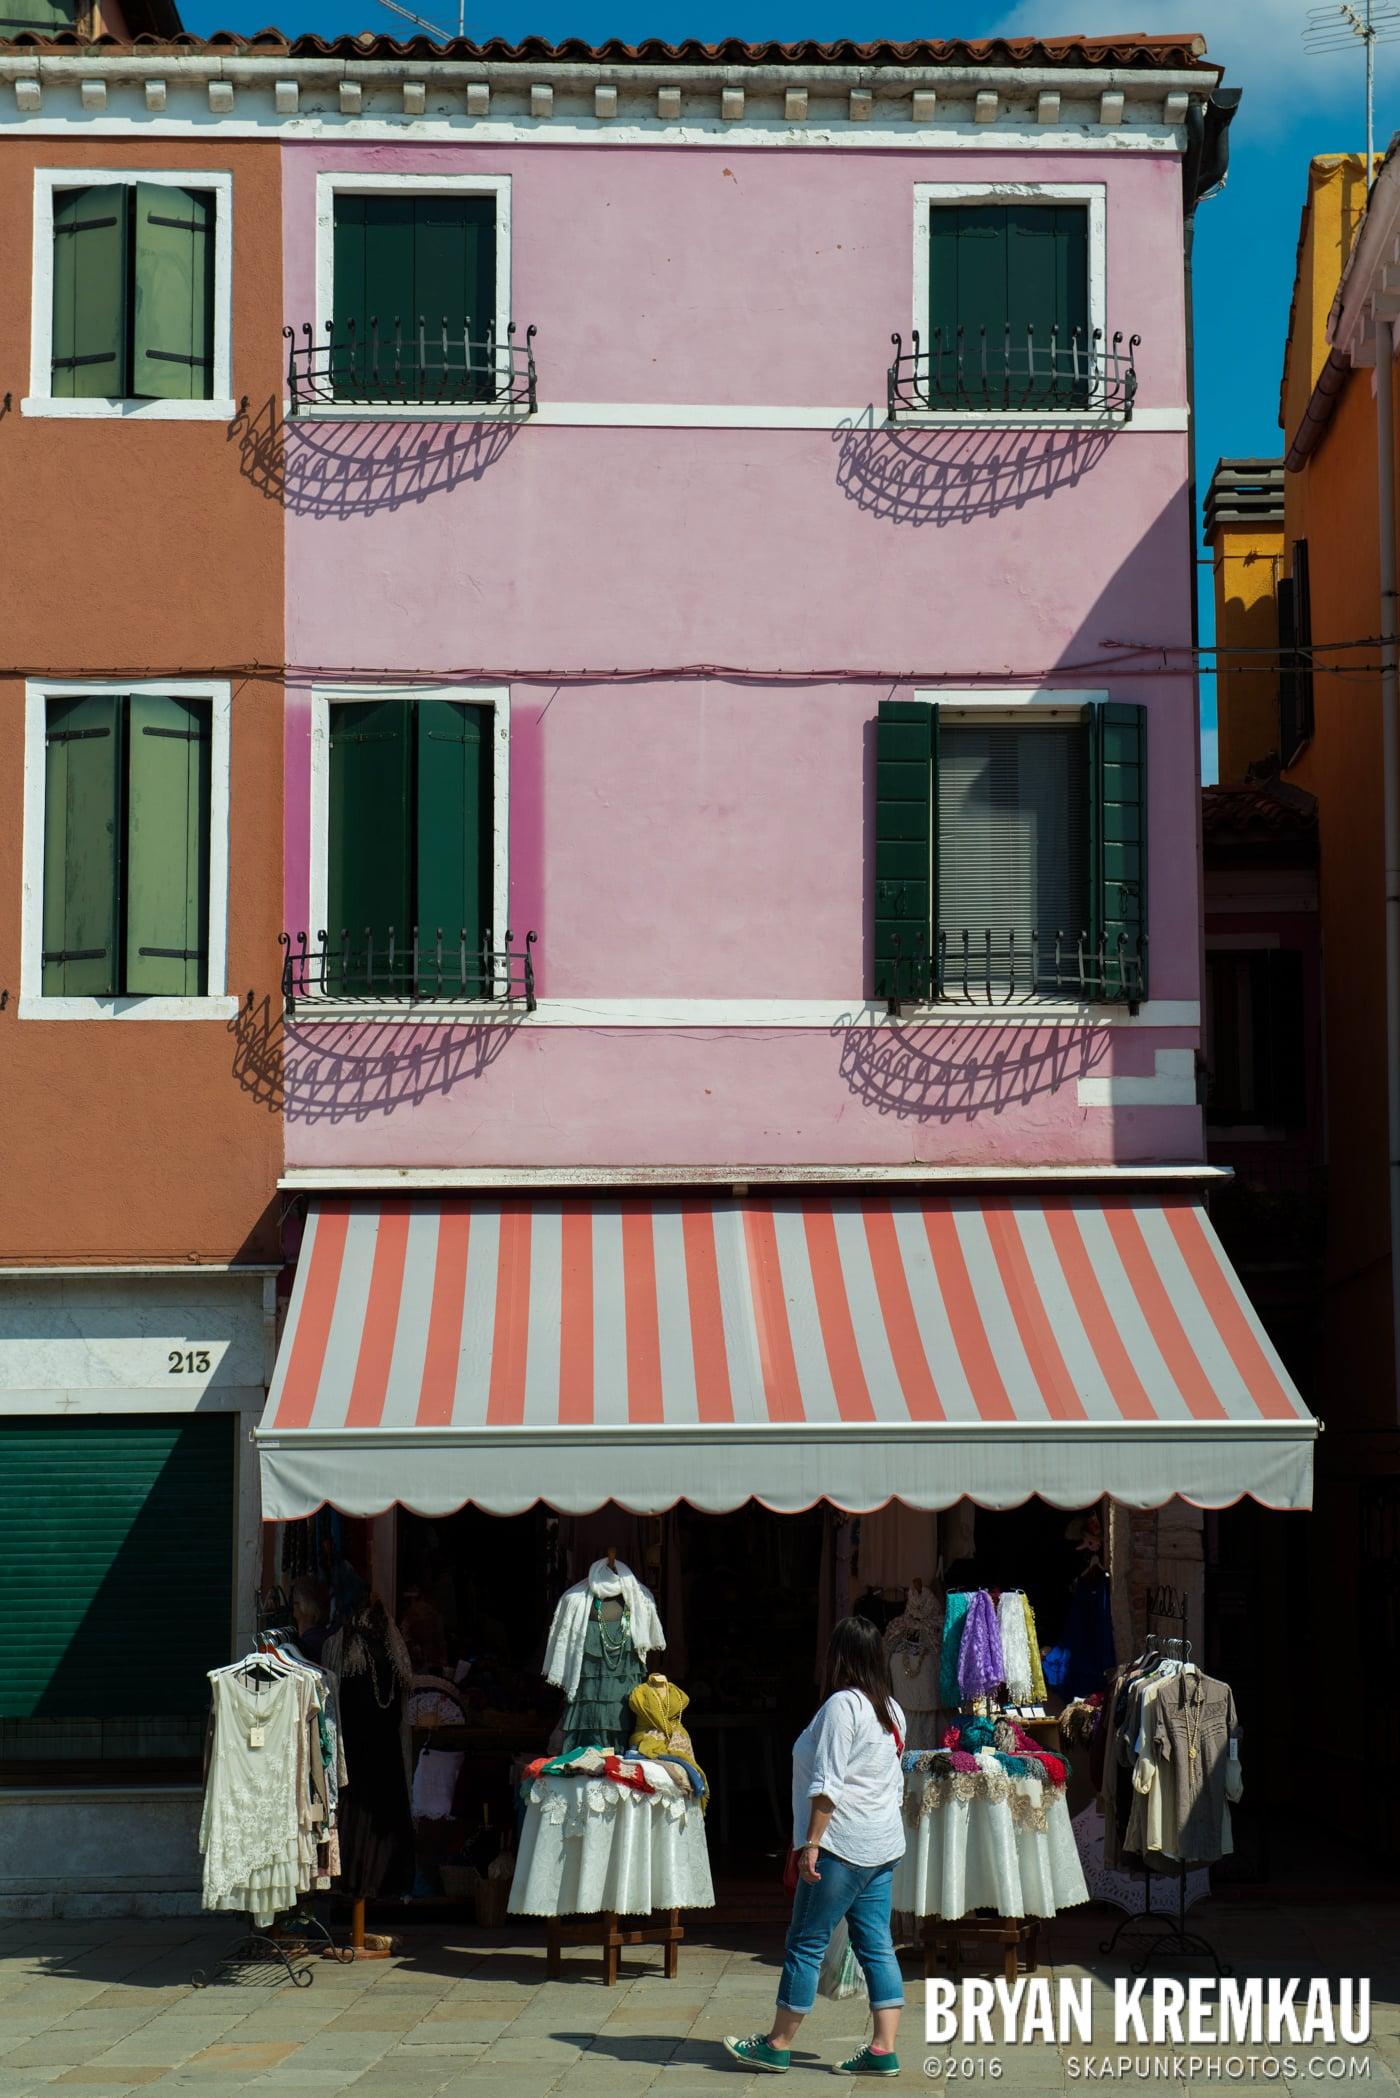 Italy Vacation - Day 6: Murano, Burano, Venice - 9.14.13 (39)